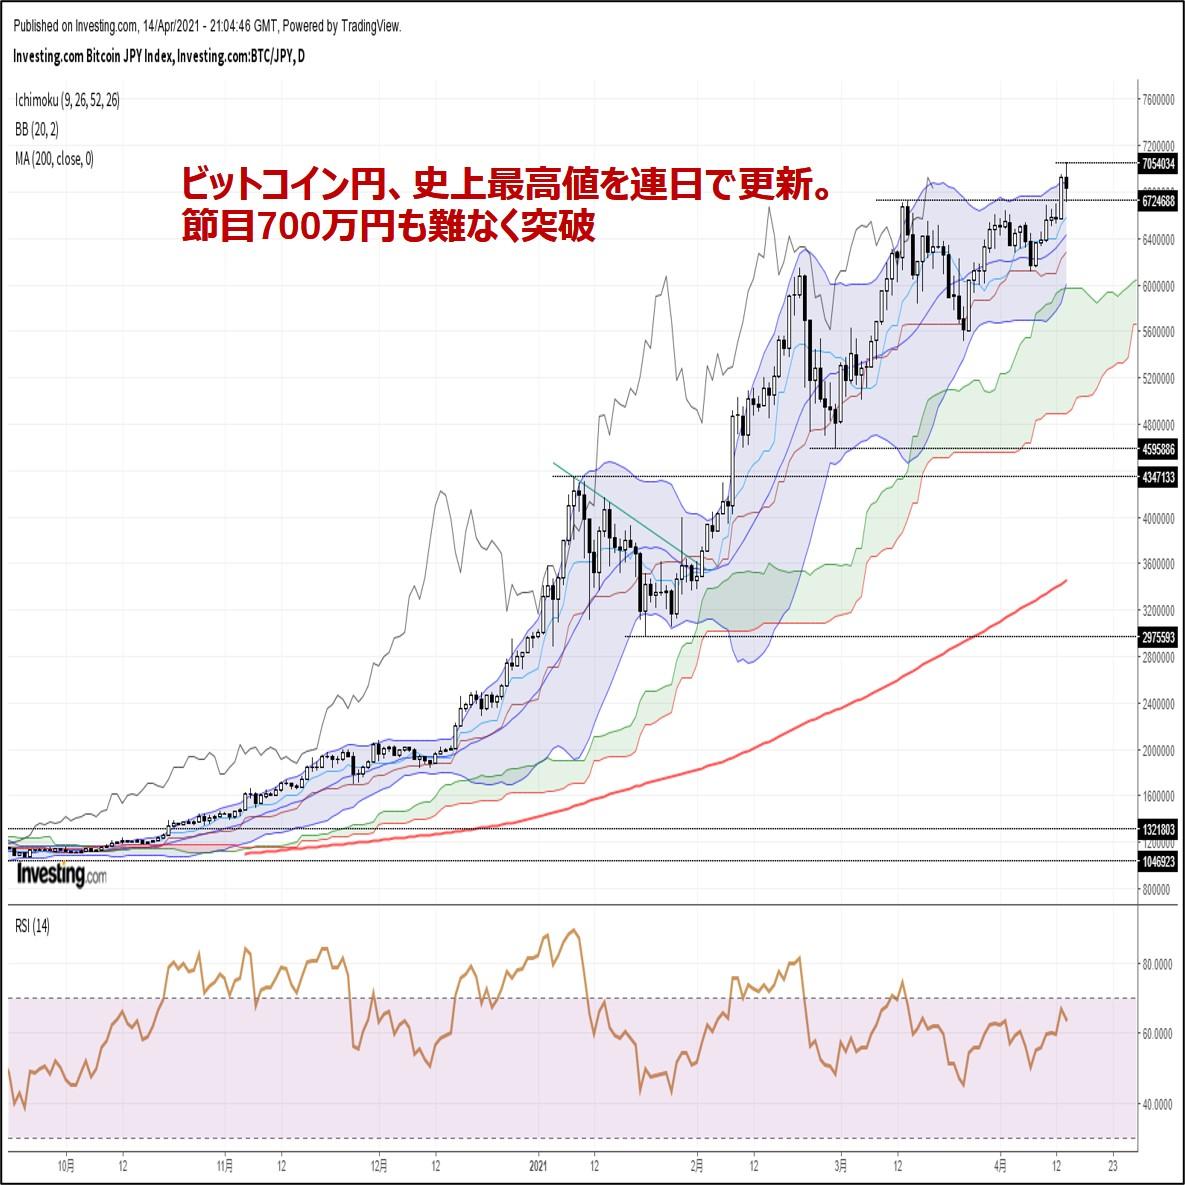 ビットコイン円、史上最高値を連日で更新。節目700万円も難なく突破(4/15朝)